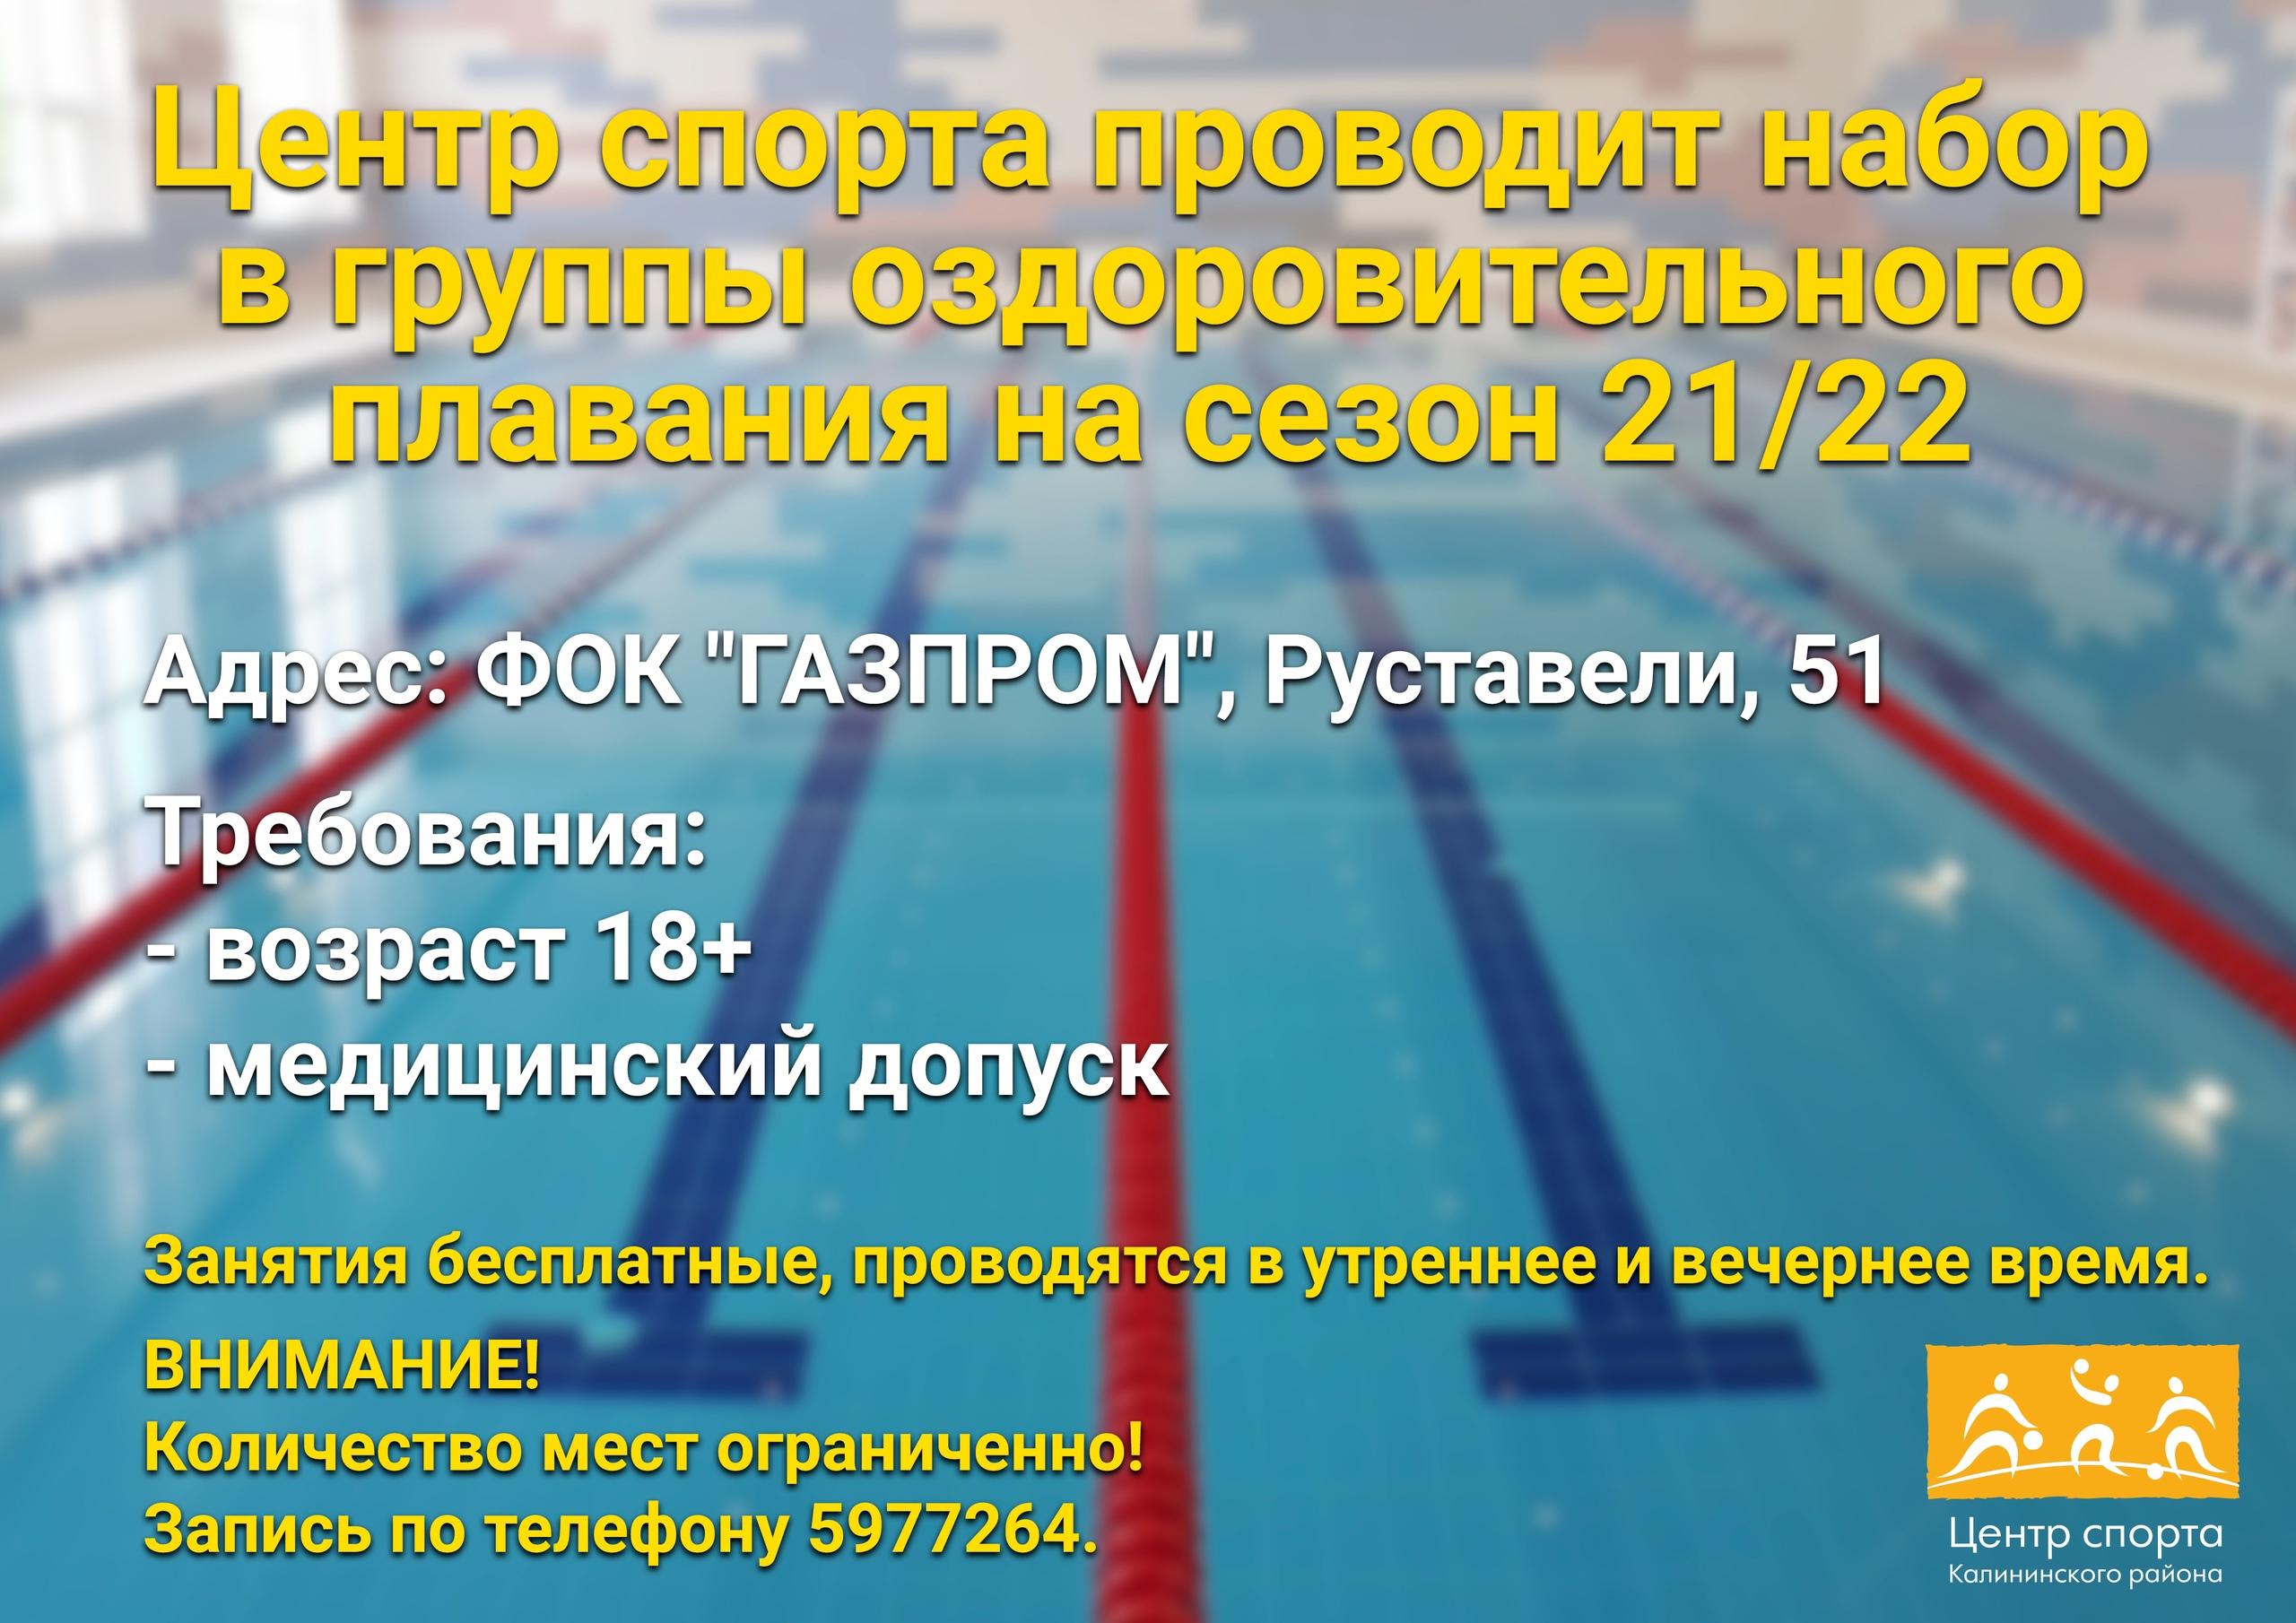 Центр спорта проводит набор в группы оздоровительного плавания на сезон 21/22.